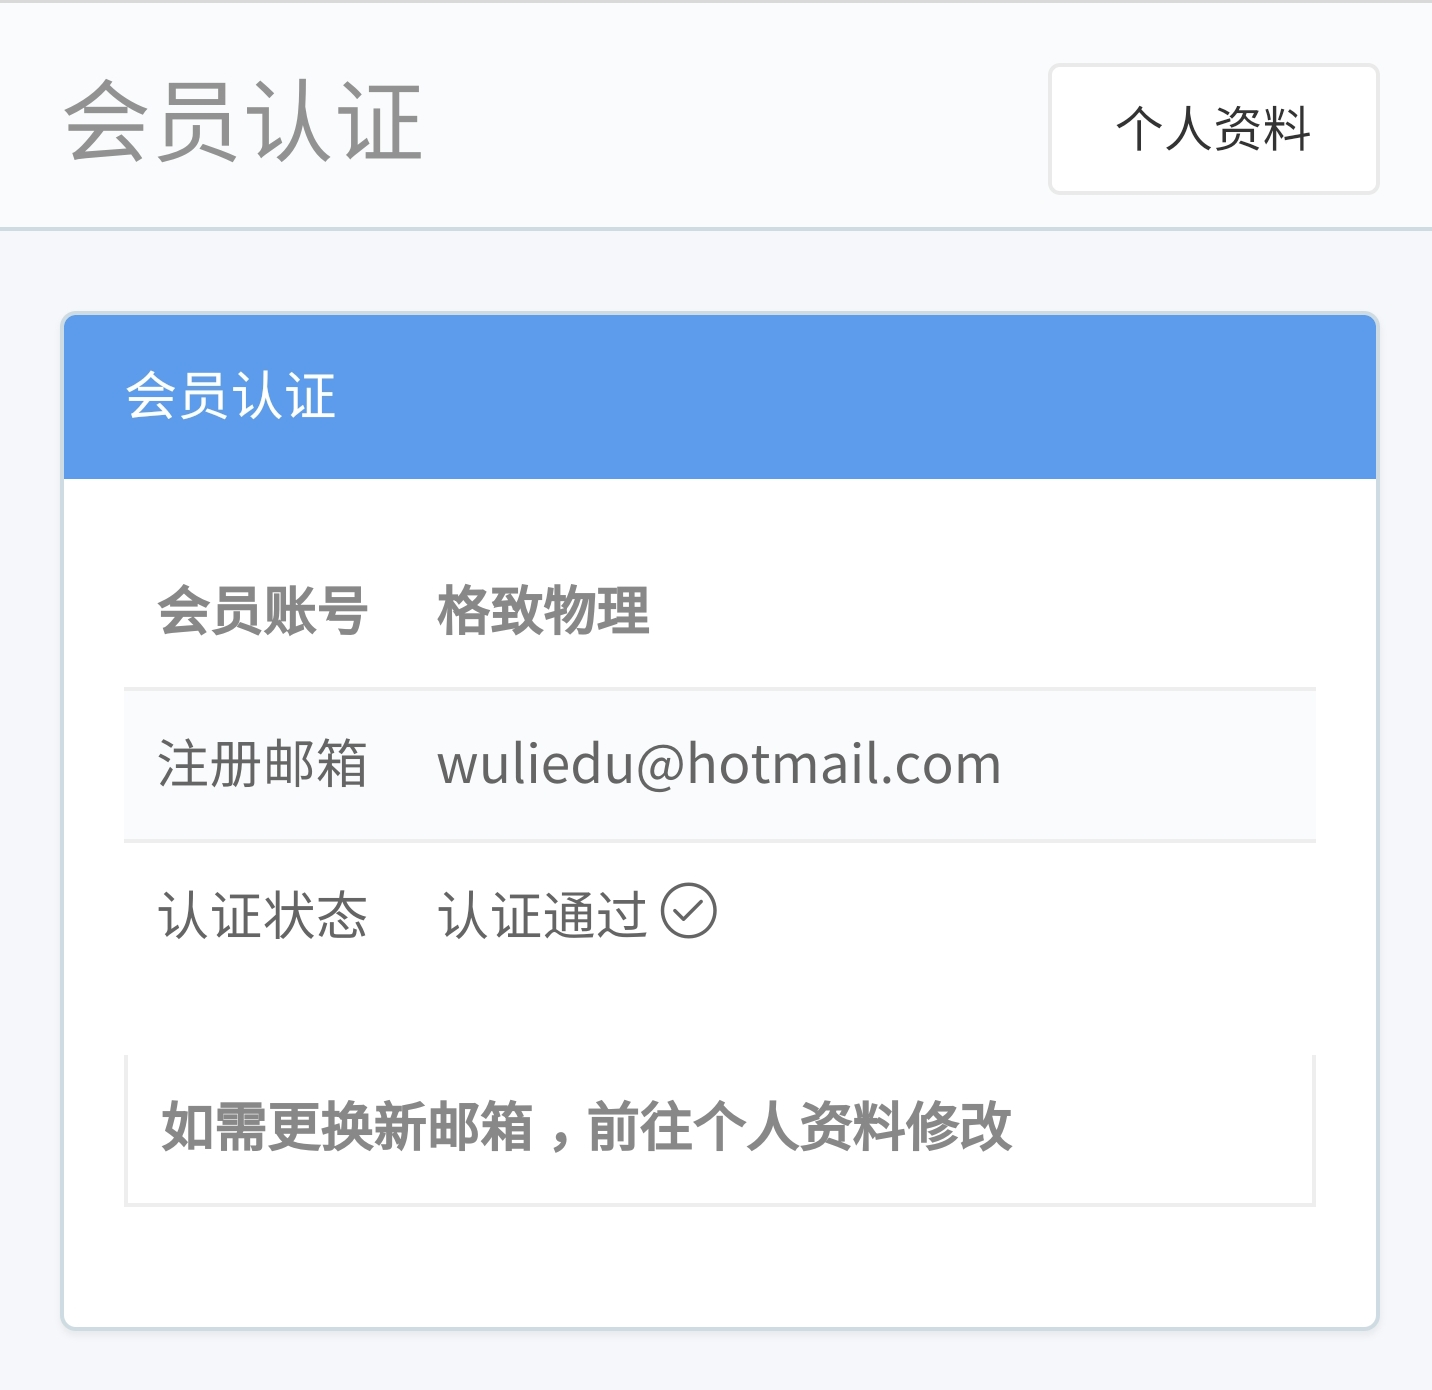 关于本站会员启用邮箱验证的说明